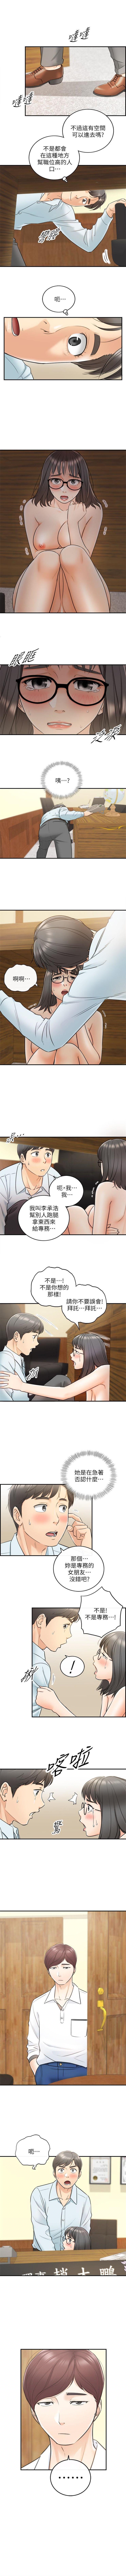 (週5)正妹小主管 1-39 中文翻譯(更新中) 97